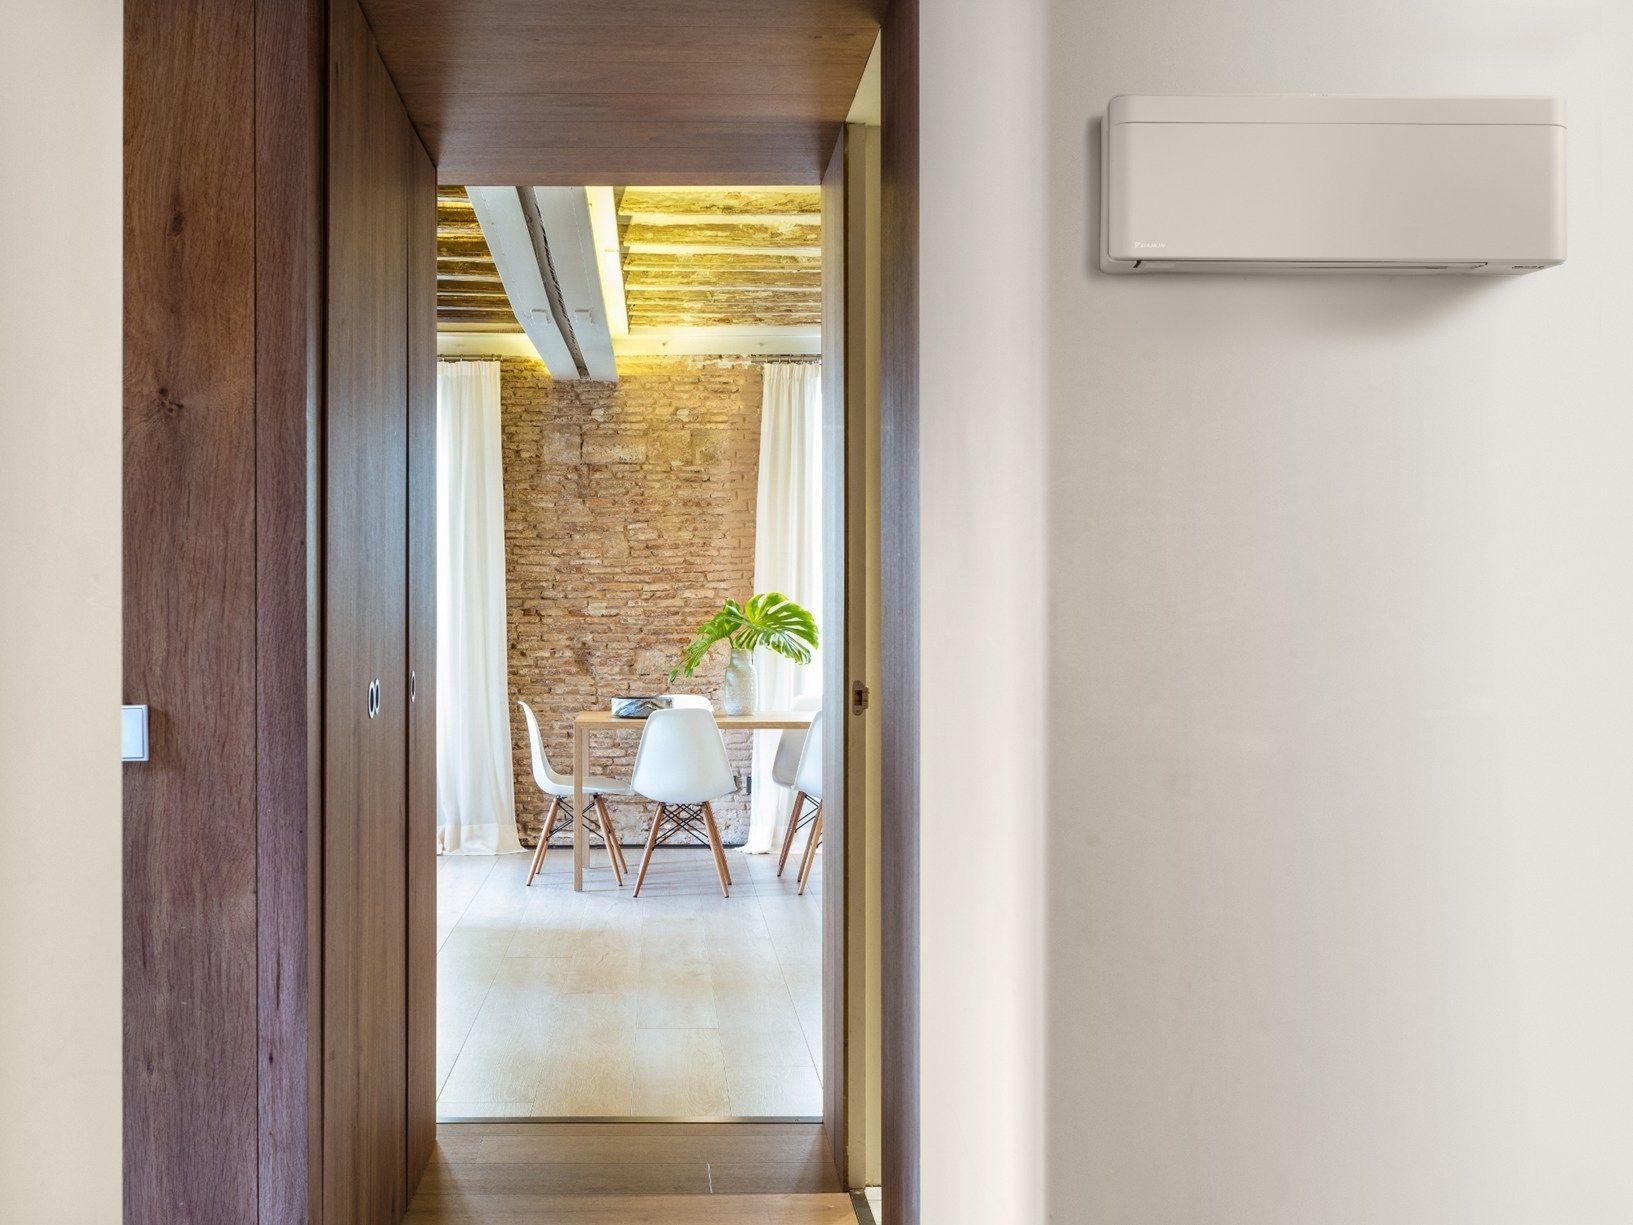 Daikin presenta la nuova gamma 2016 per la climatizzazione residenziale - Finestre mobili pensioni ...